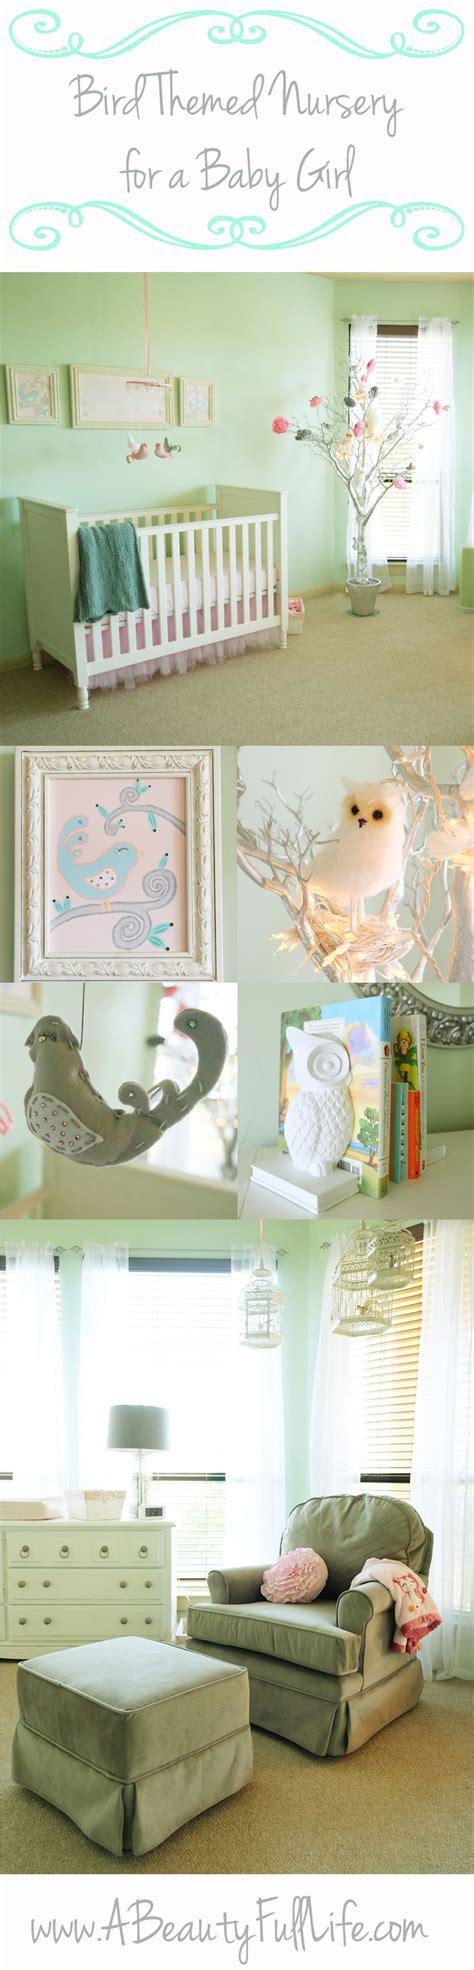 Owl Themed Nursery Decor 25 Best Ideas About Owl Themed Nursery On Owl Nursery Owl Baby Rooms And Owl